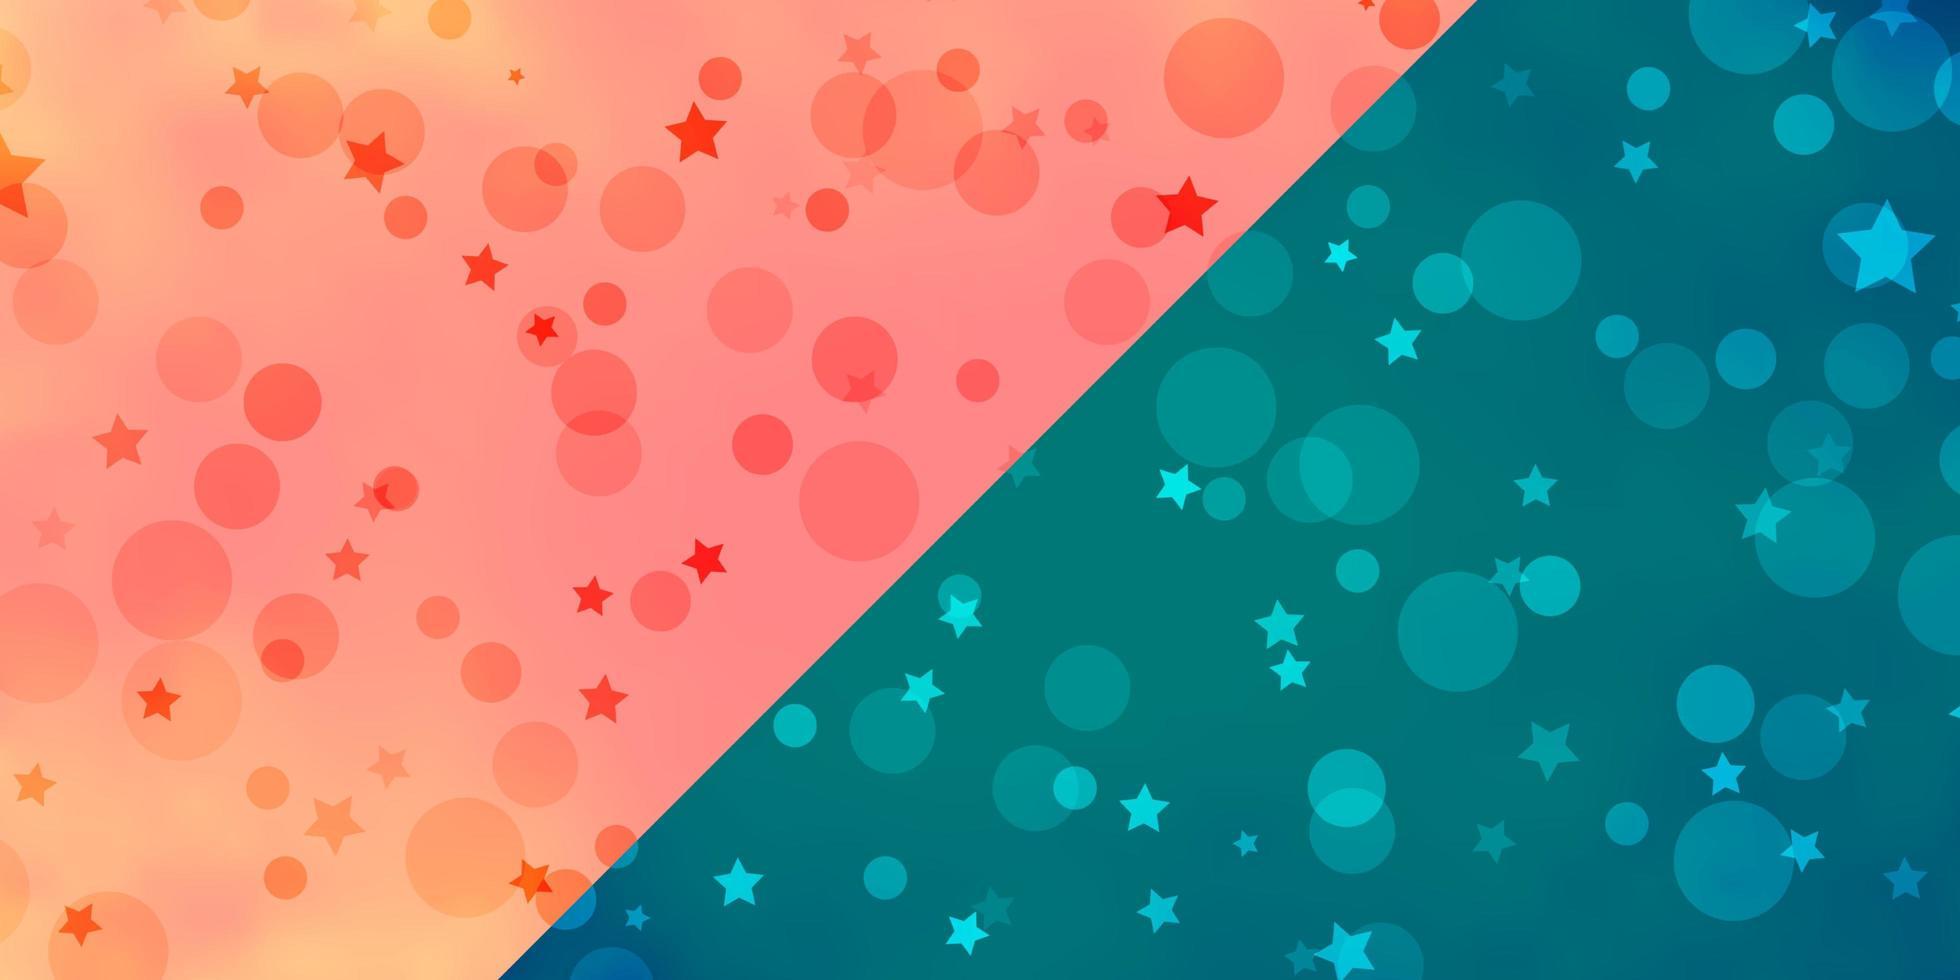 vektor bakgrund med cirklar, stjärnor.